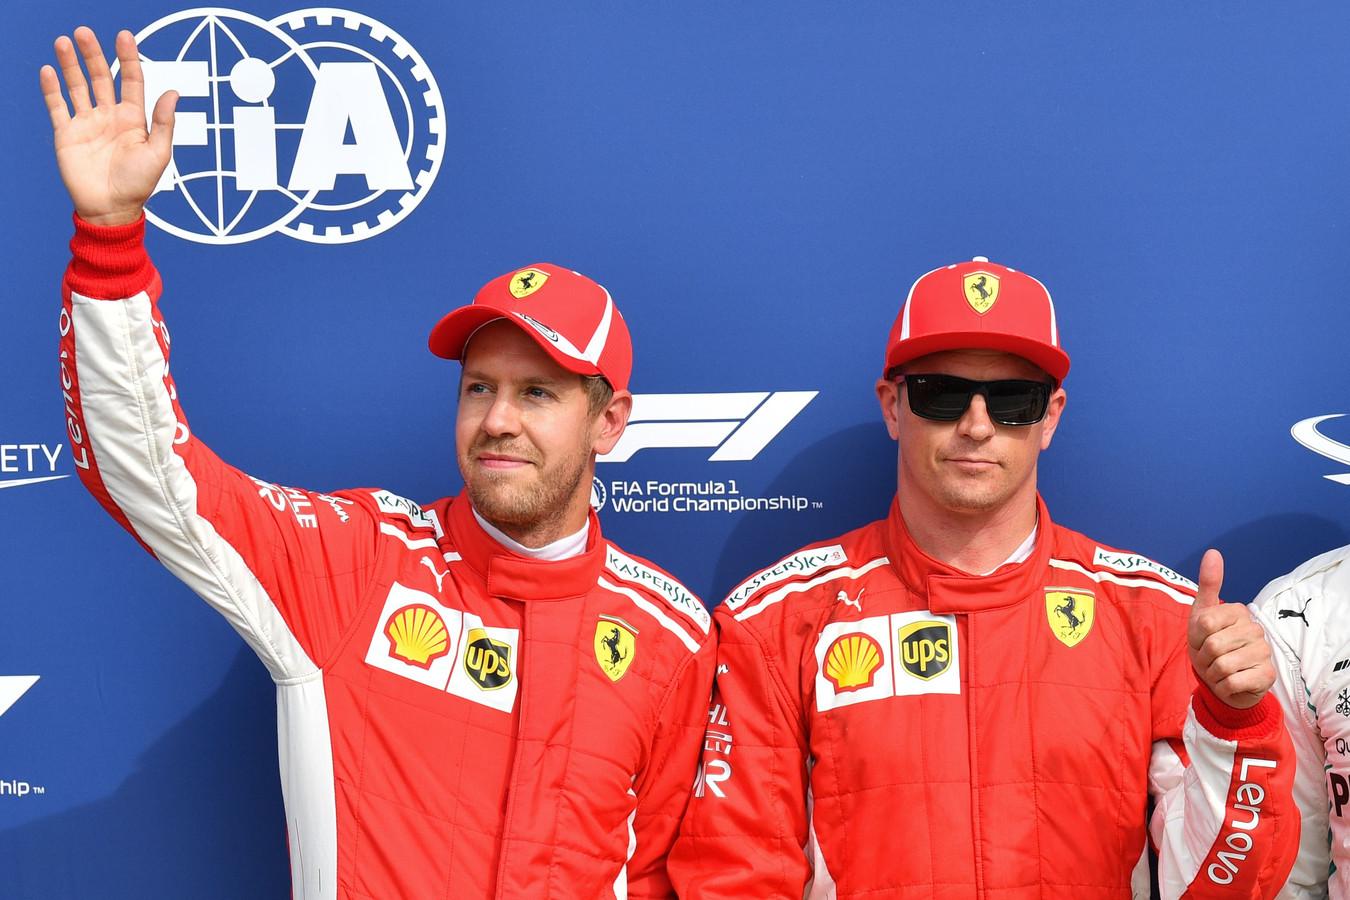 Waar kiest Ferrari vanmiddag voor: mag polesitter Räikkönen voor de winst gaan of moet hij plaats maken voor Vettel?